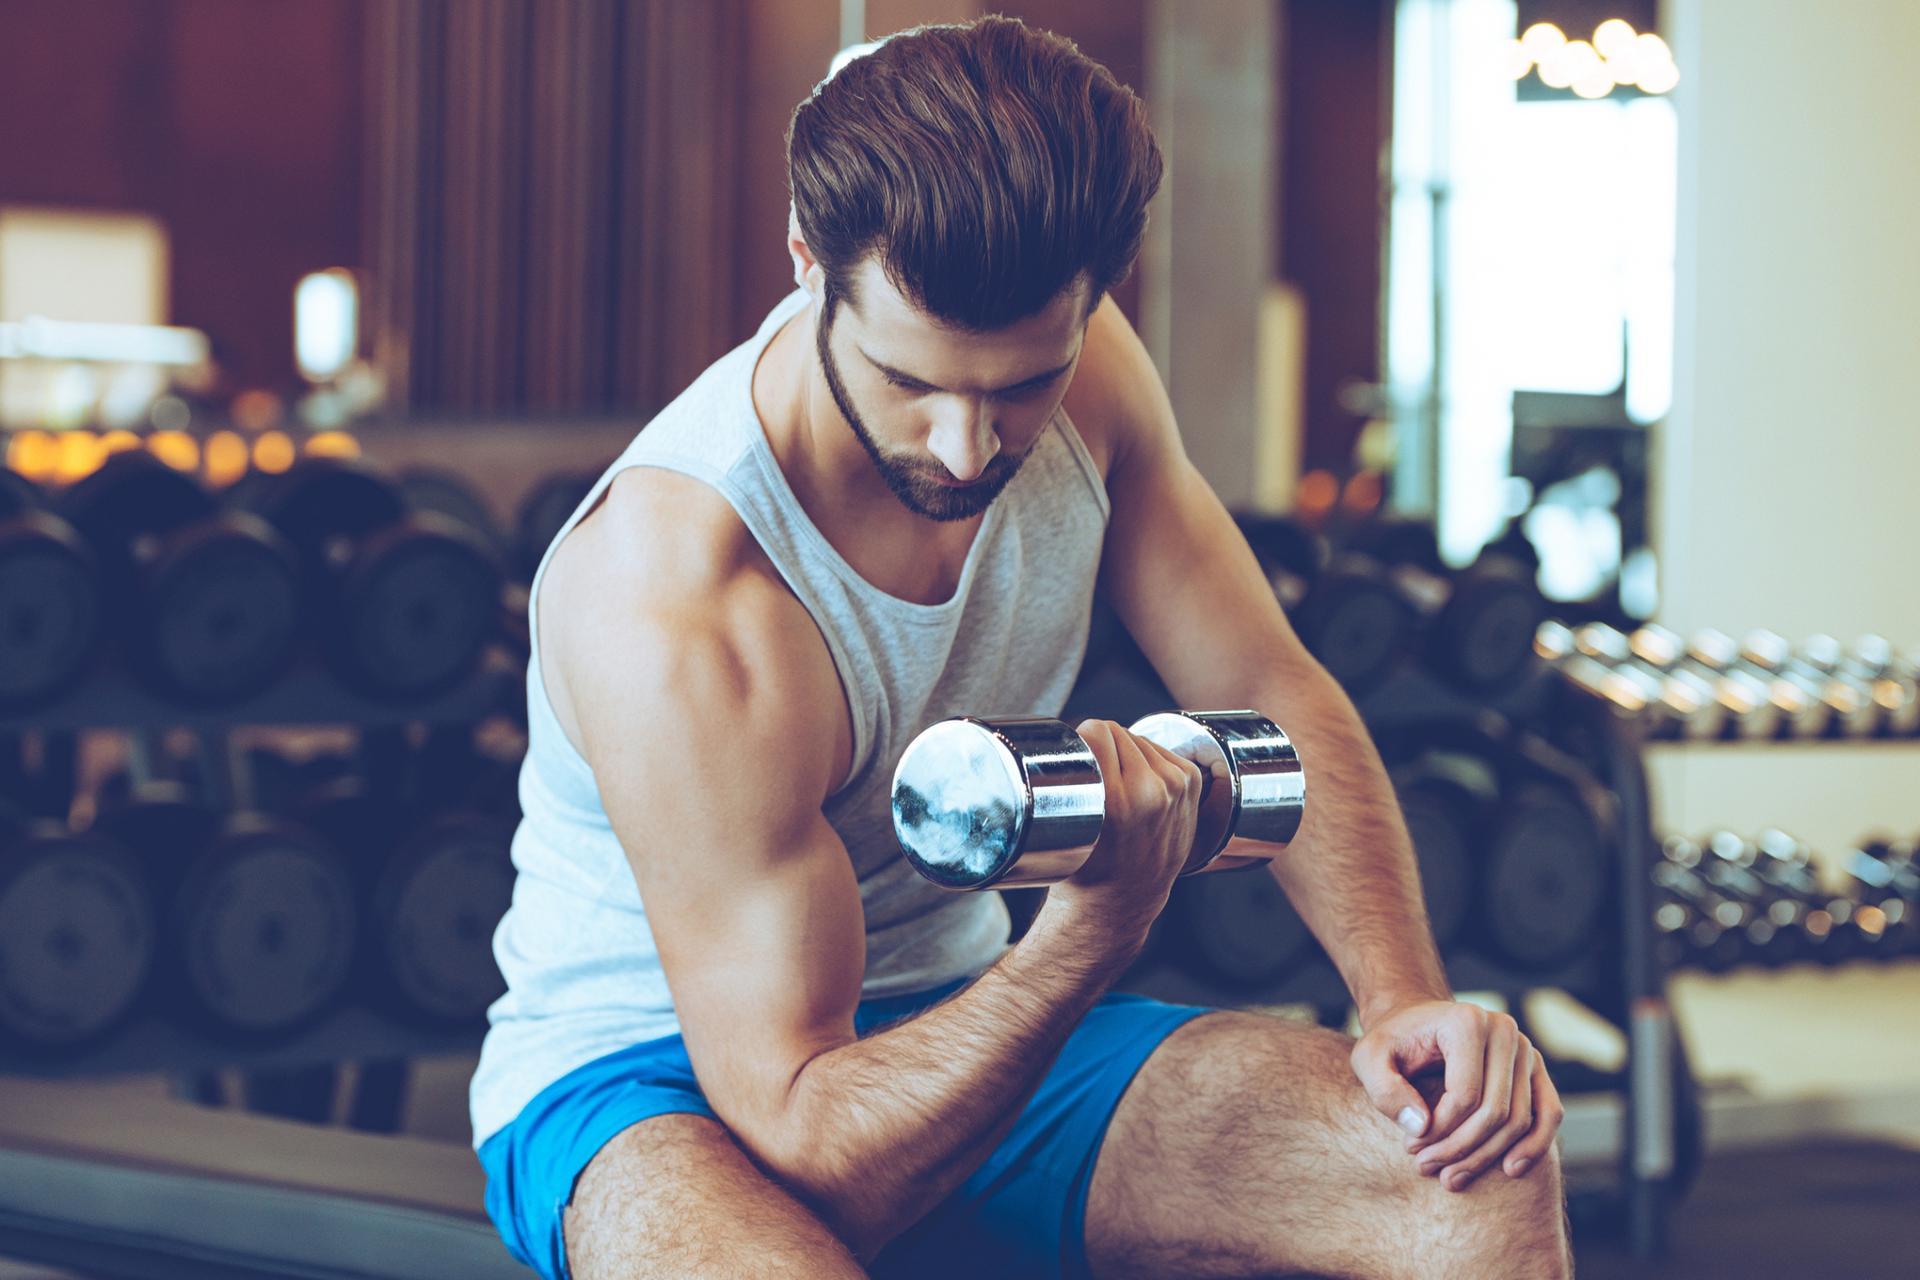 jak ćwiczyć na stepperze żeby schudnąć